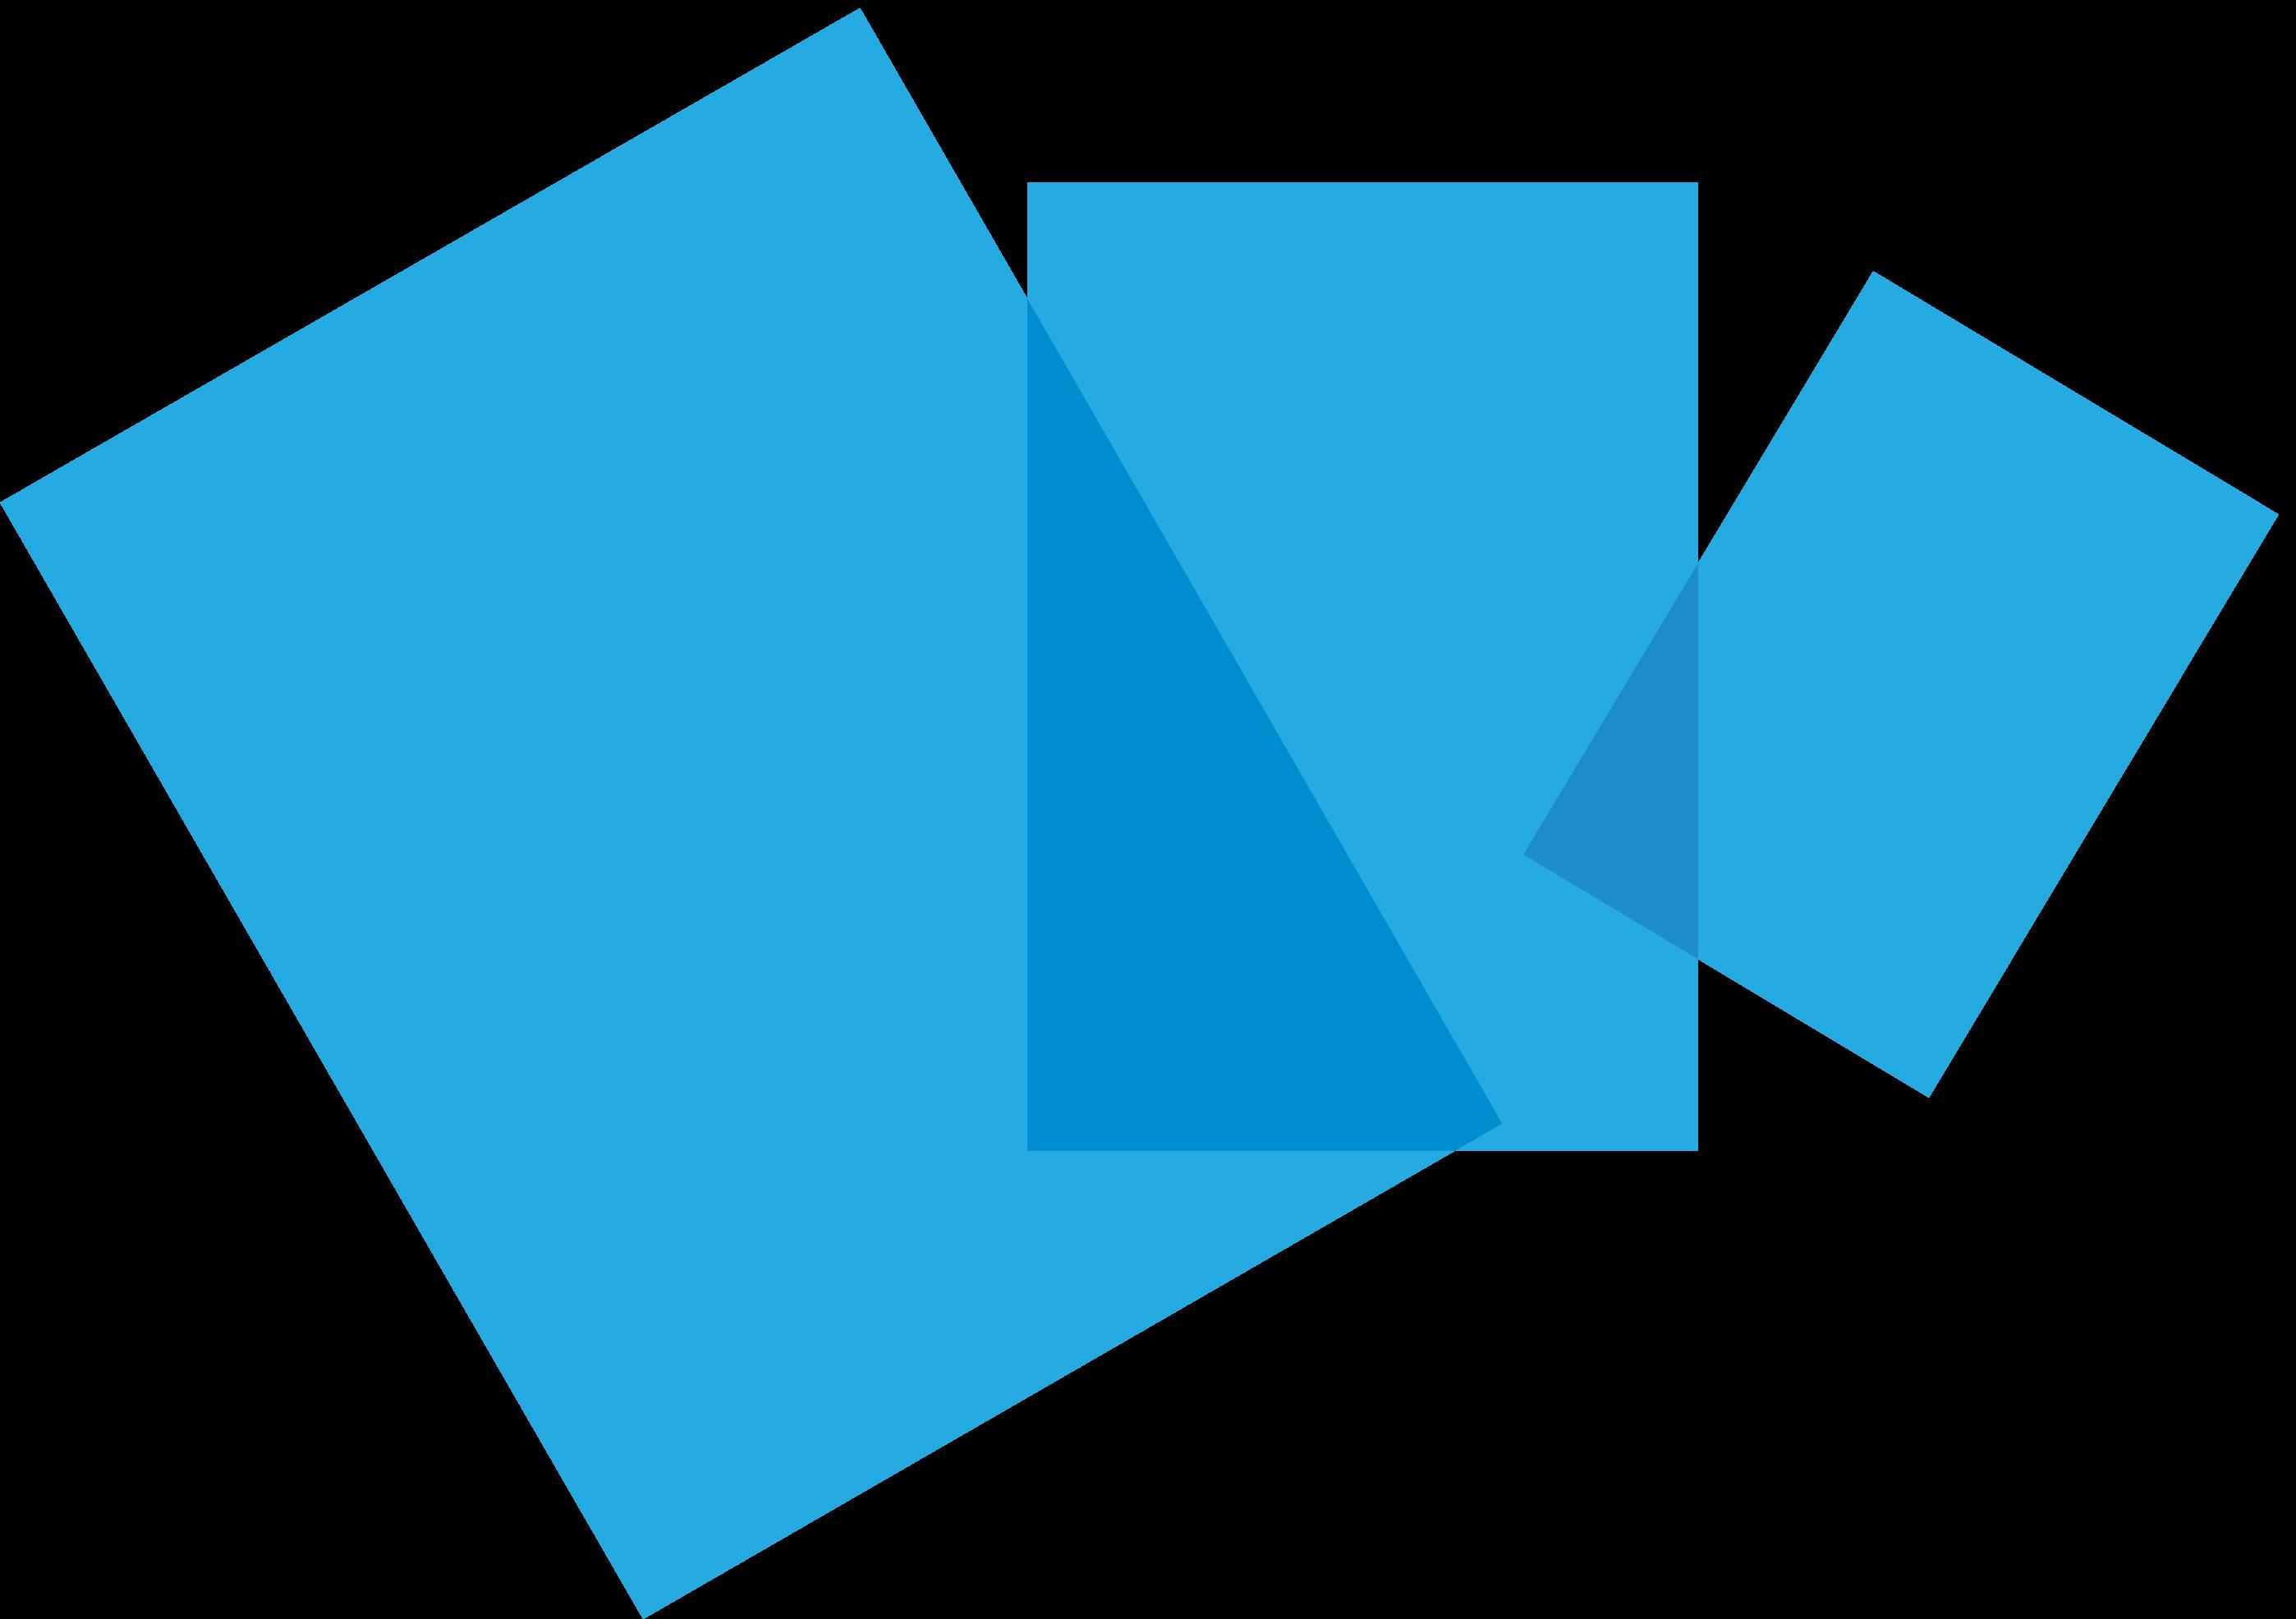 Logo no text